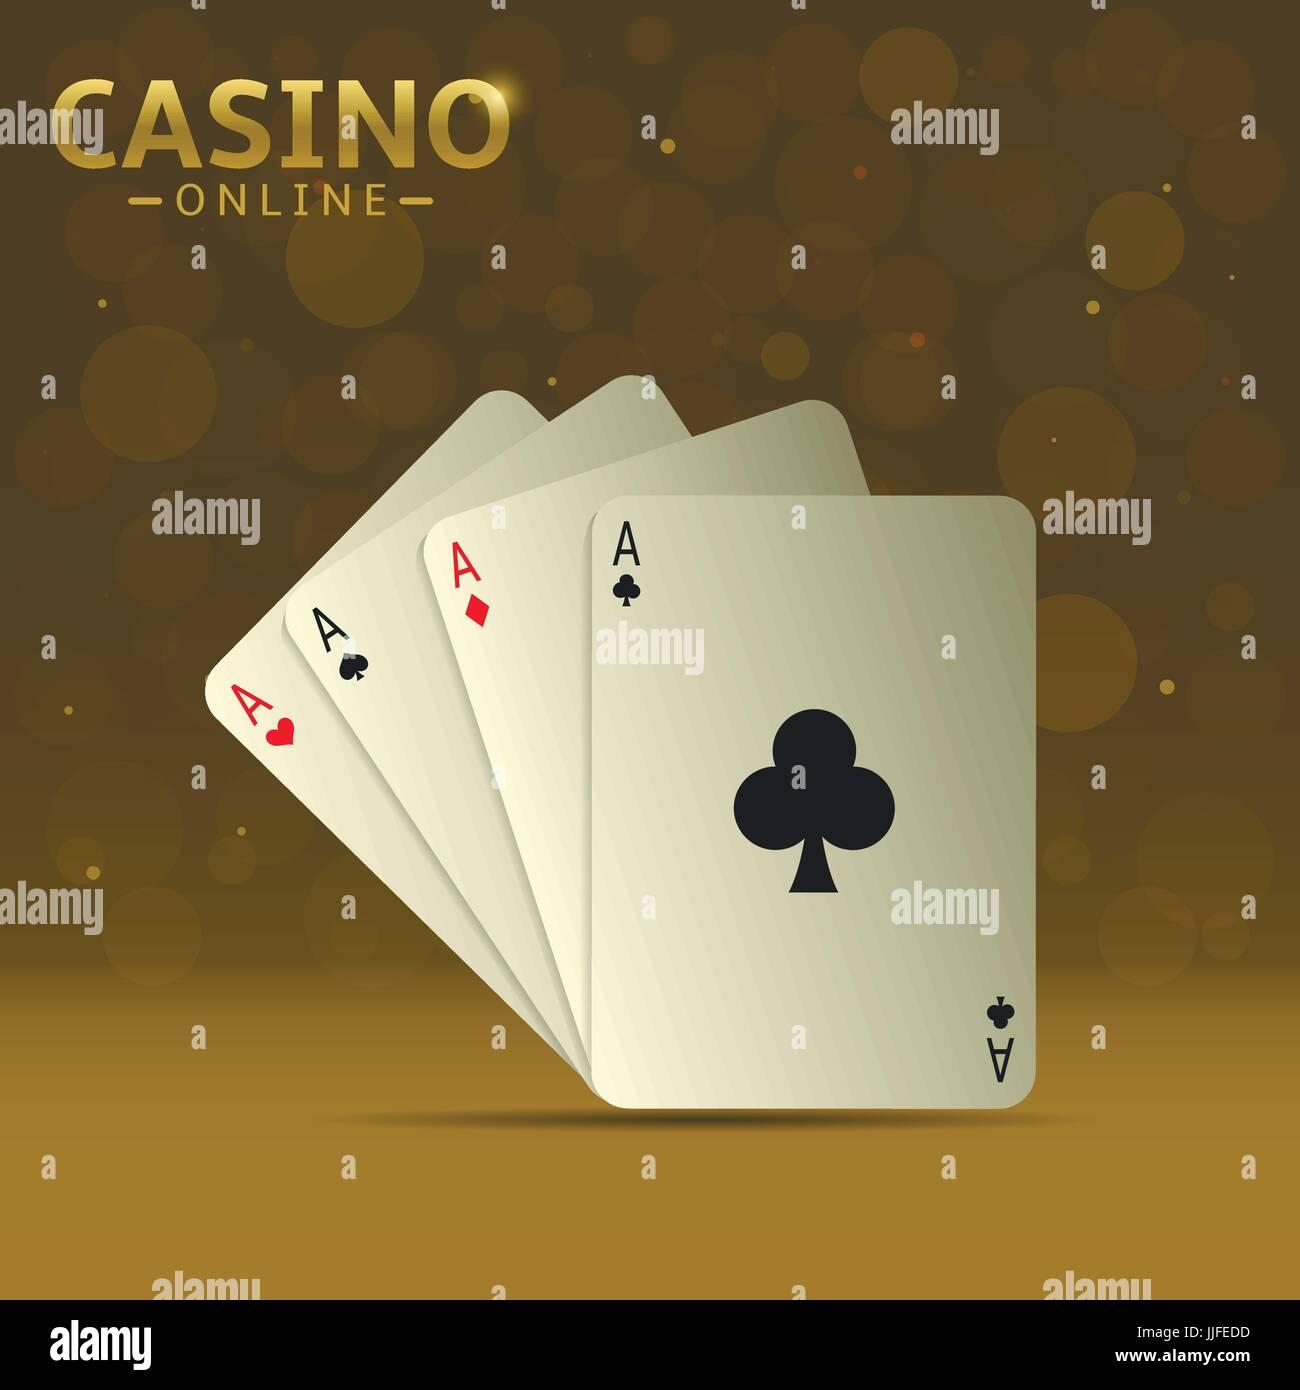 wildjack online nz casino